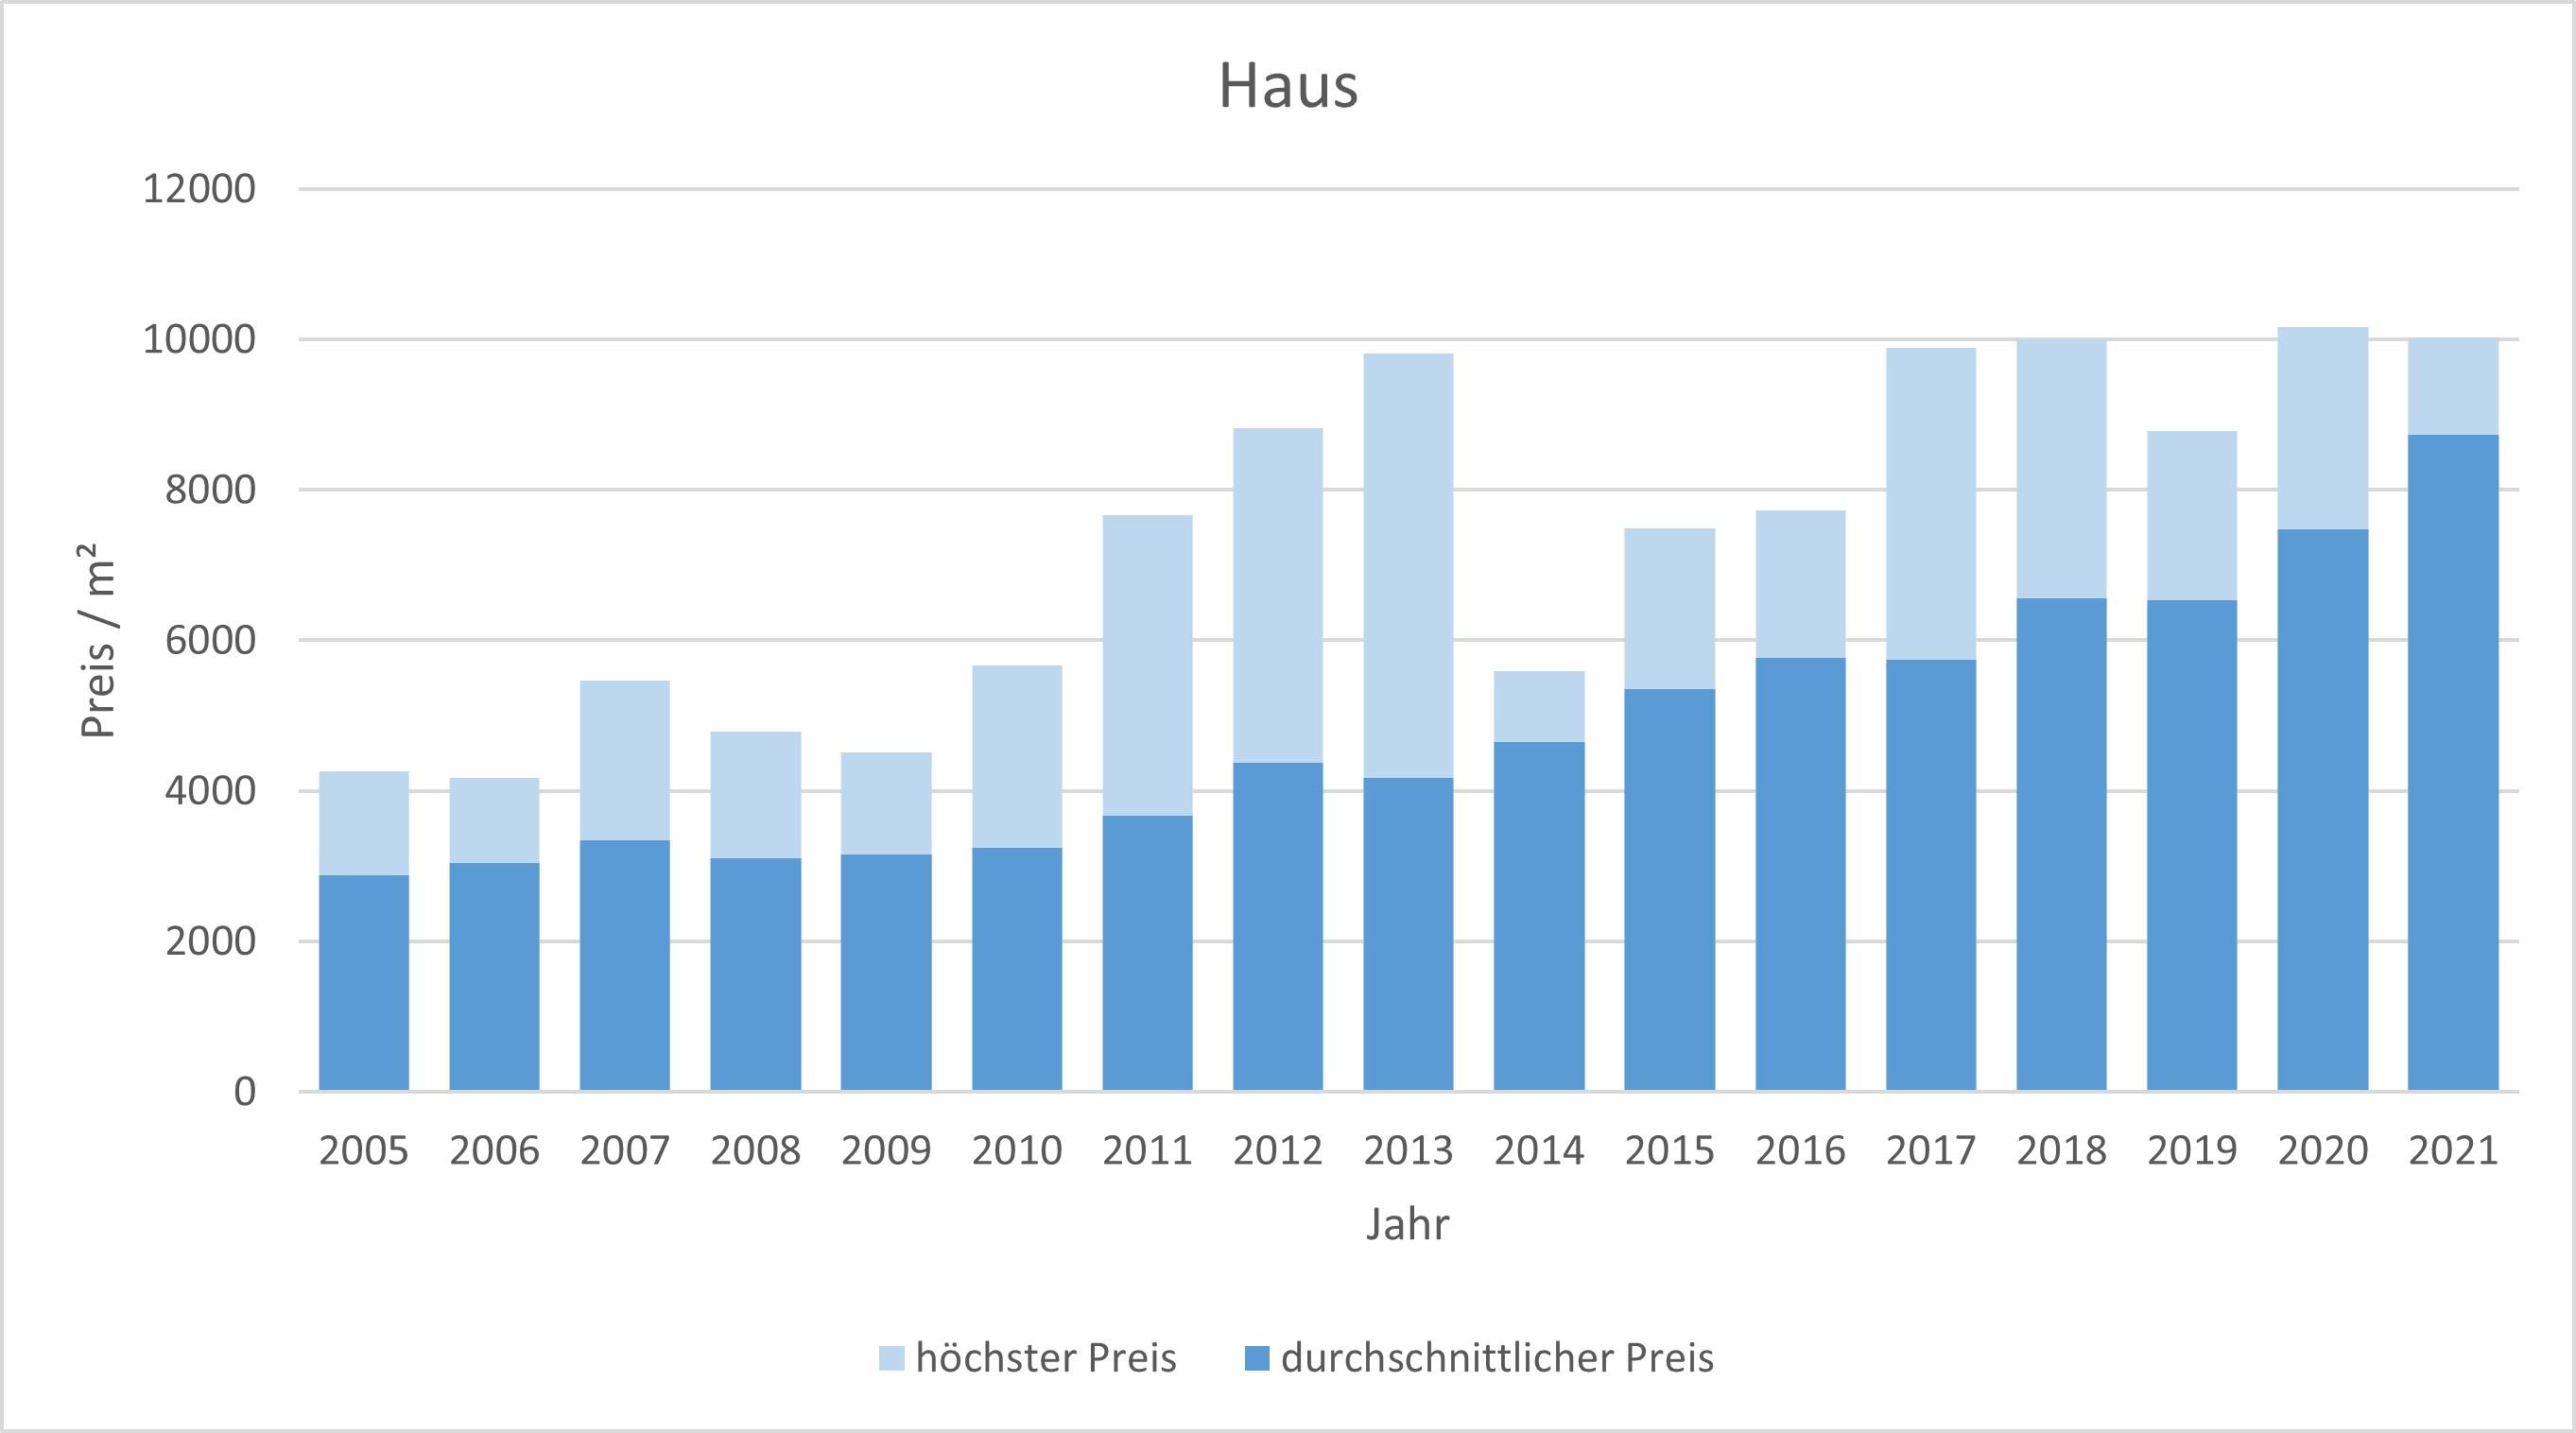 Putzbrunn Haus kaufen verkaufen Preis Bewertung Makler www.happy-immo.de 2019 2020 2021